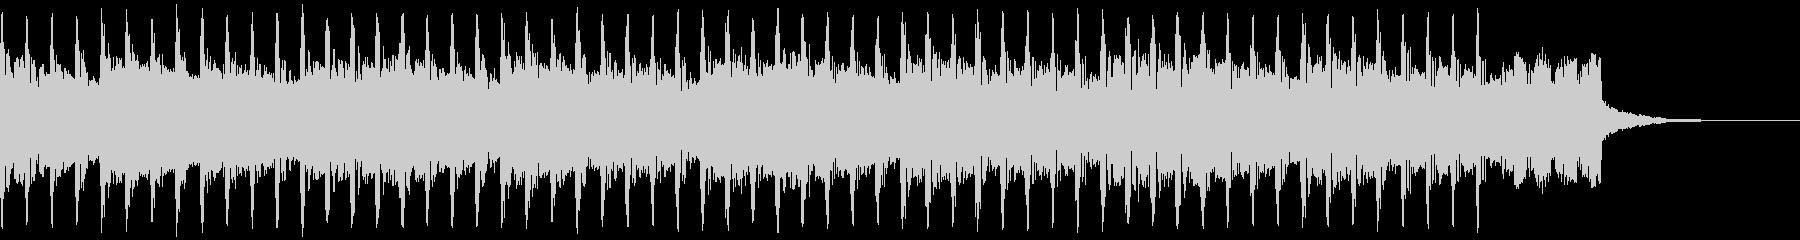 機関(30秒)の未再生の波形